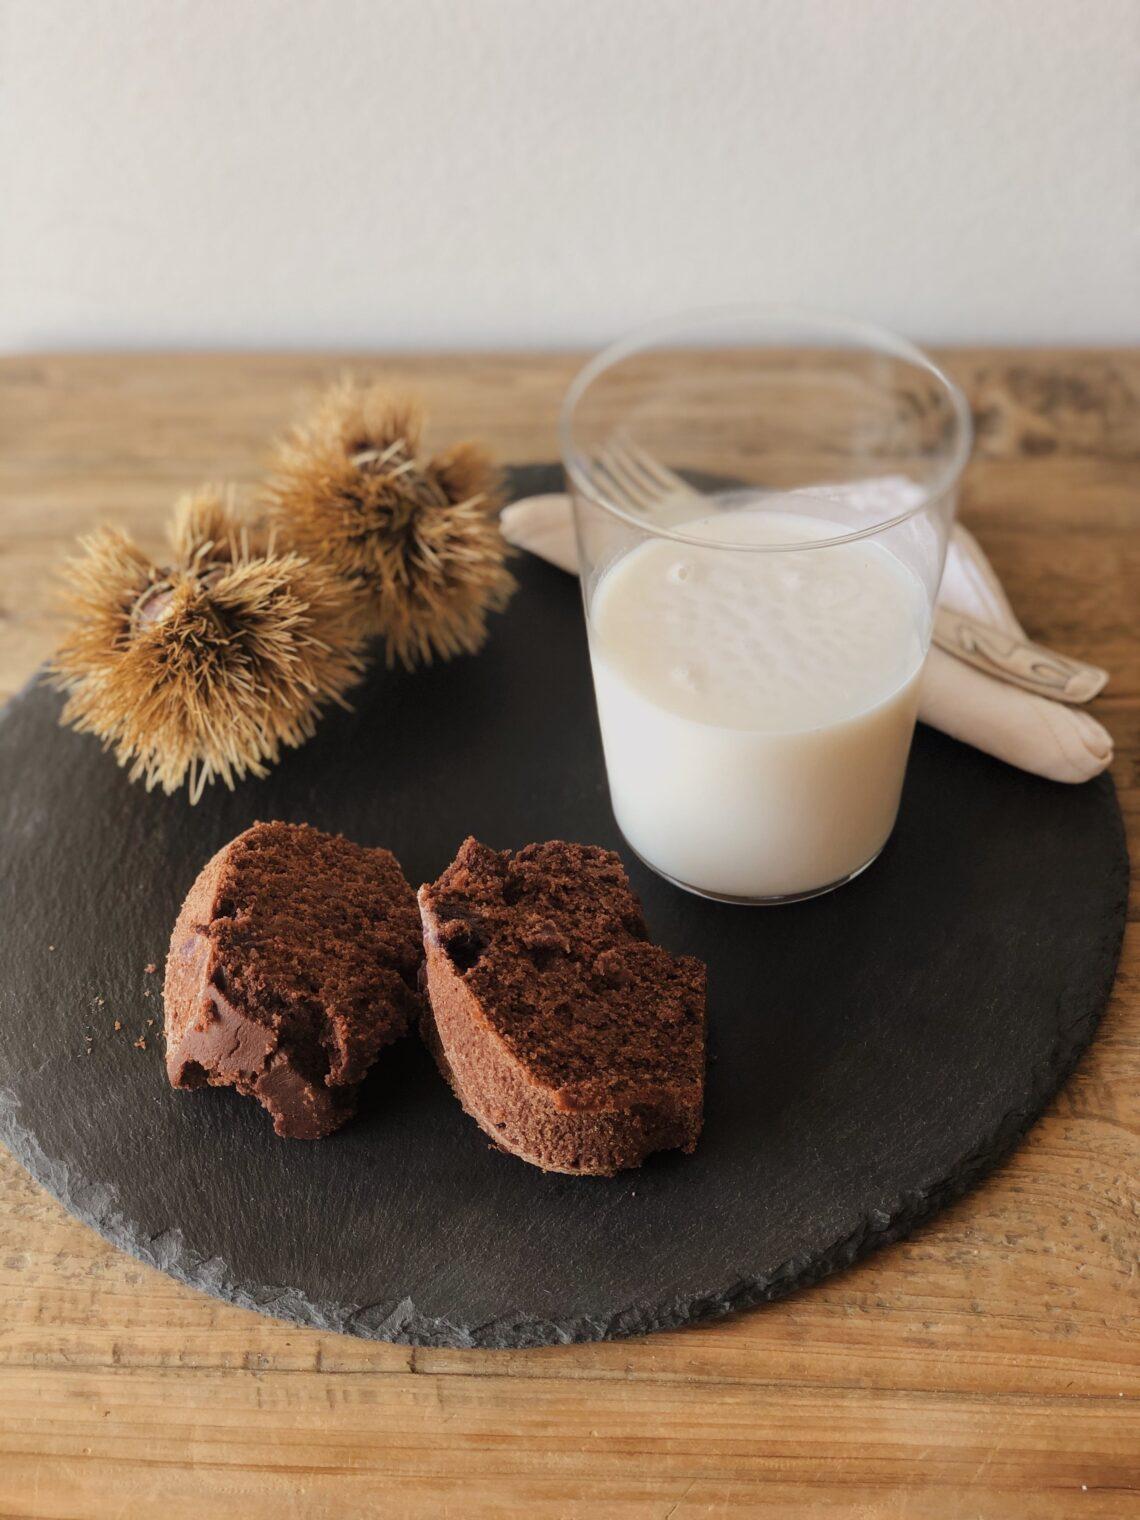 Ciambella senza glutine, uova, zuccheri aggiunti e latticini al cacao e marmellata di mirtilli rossi con mirtilli, buonissima e morbidissima